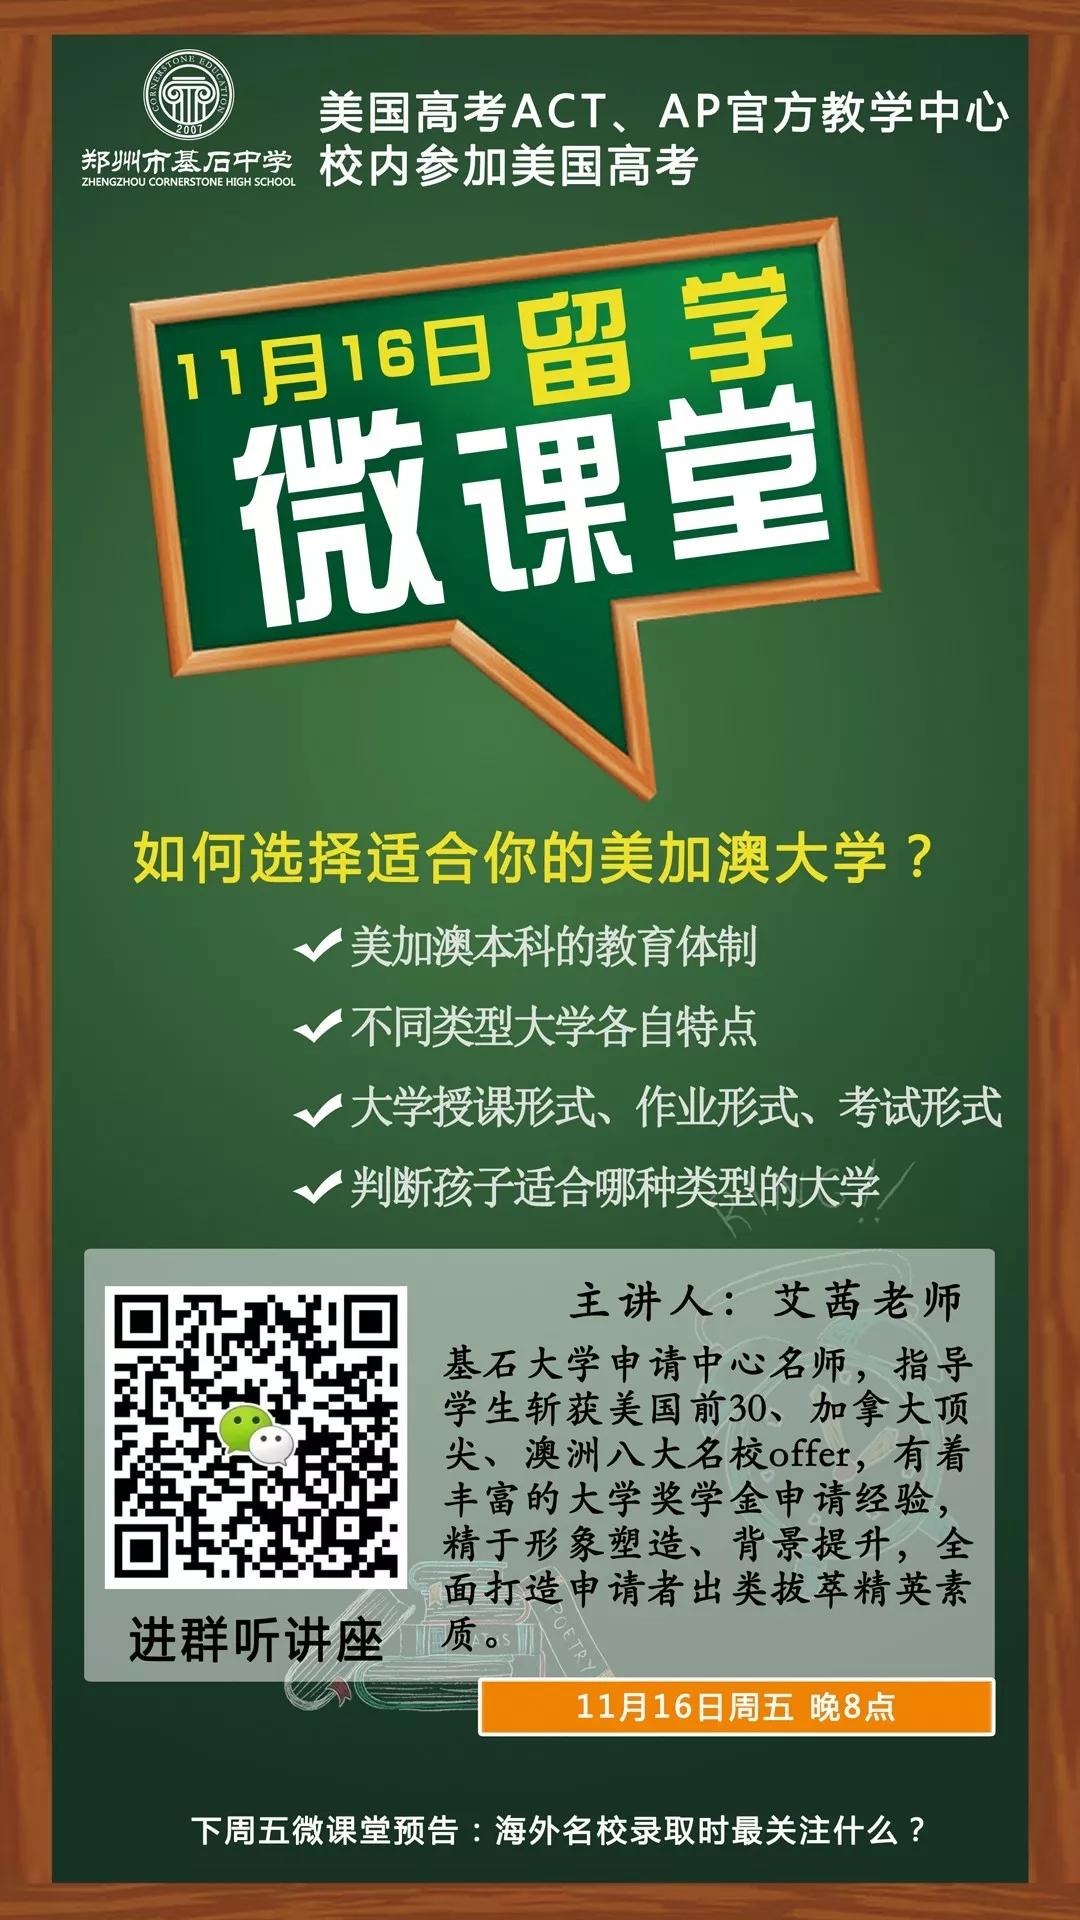 中国留学生千辛万苦出国留学,却惨遭退学,留学你必须知道这些